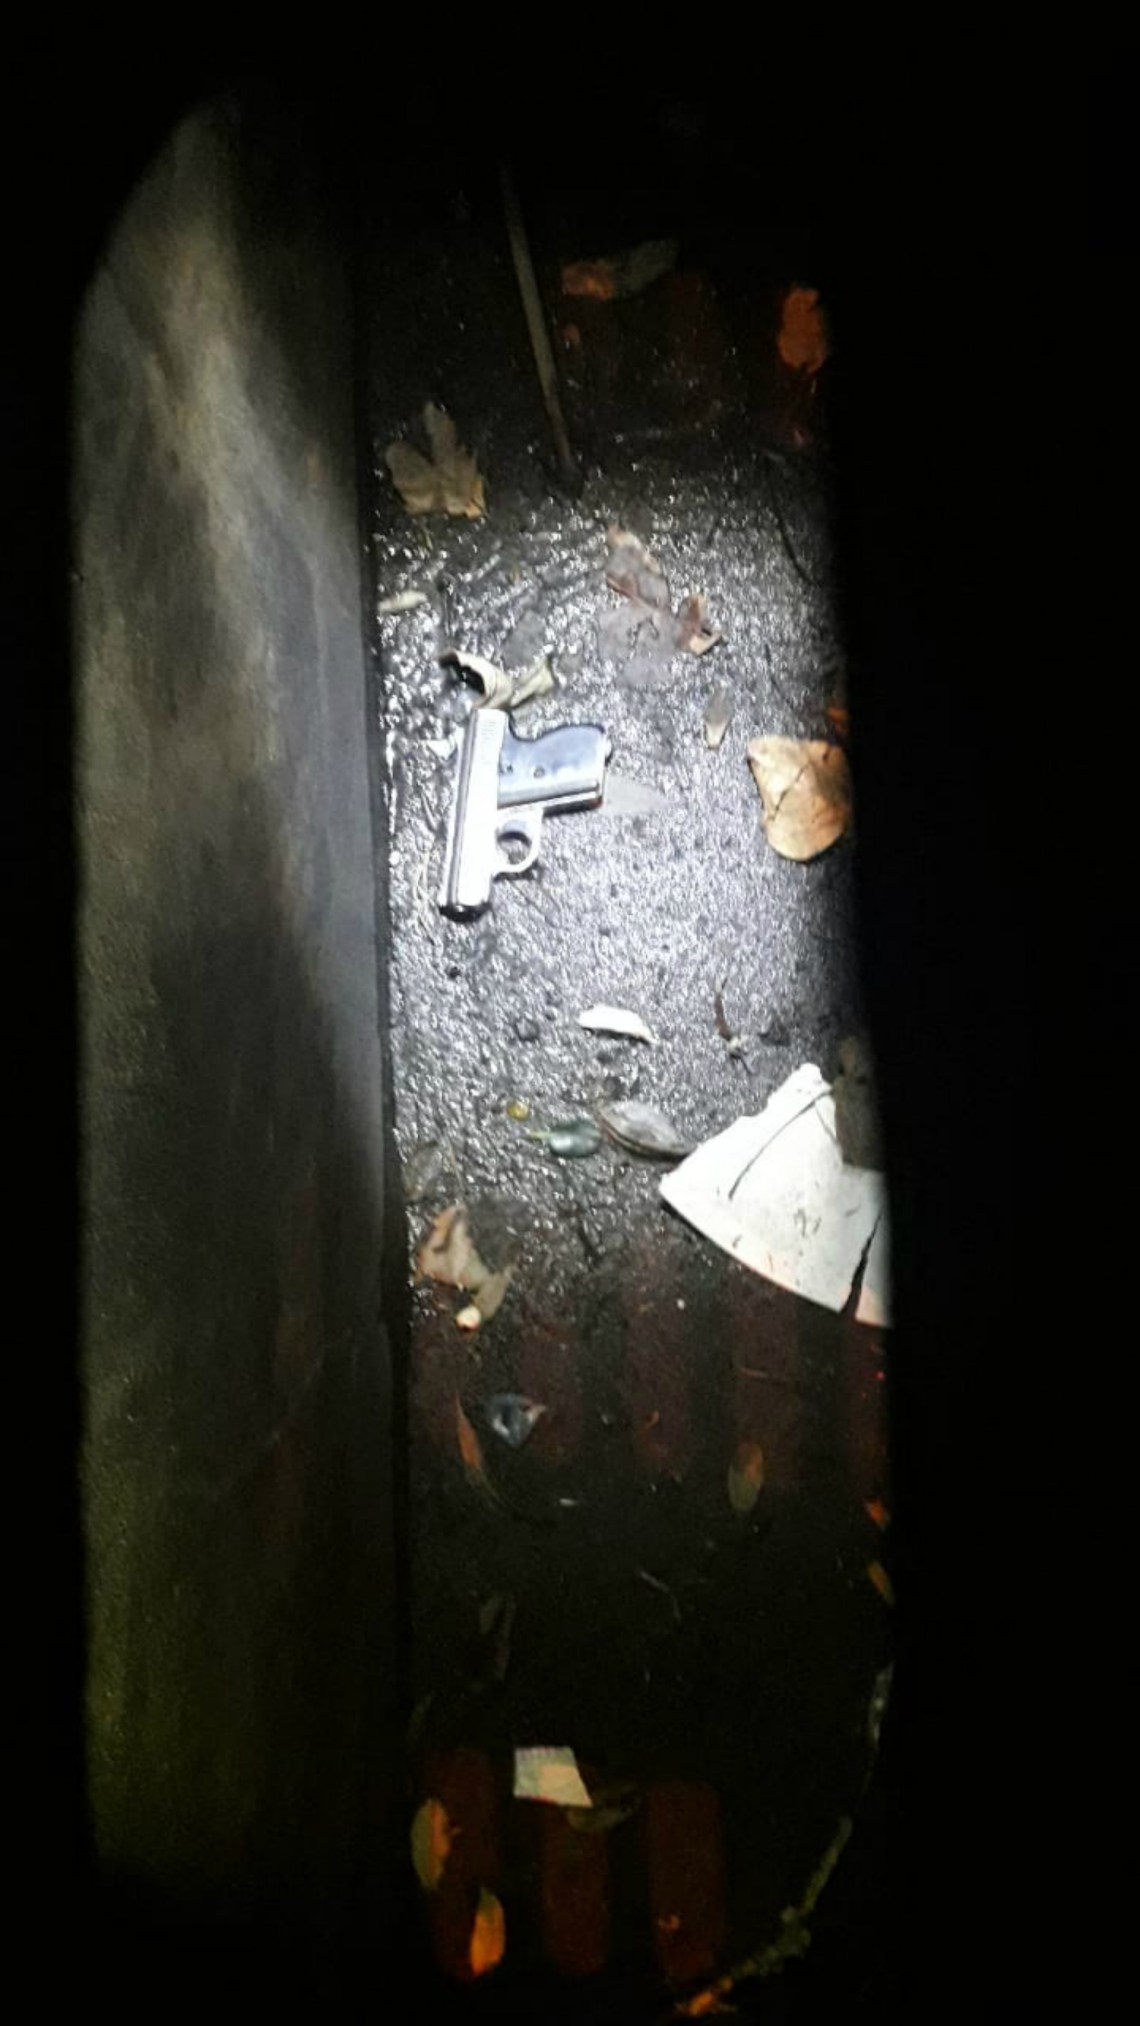 Las imágenes del arma encontrada junto al cuerpo.